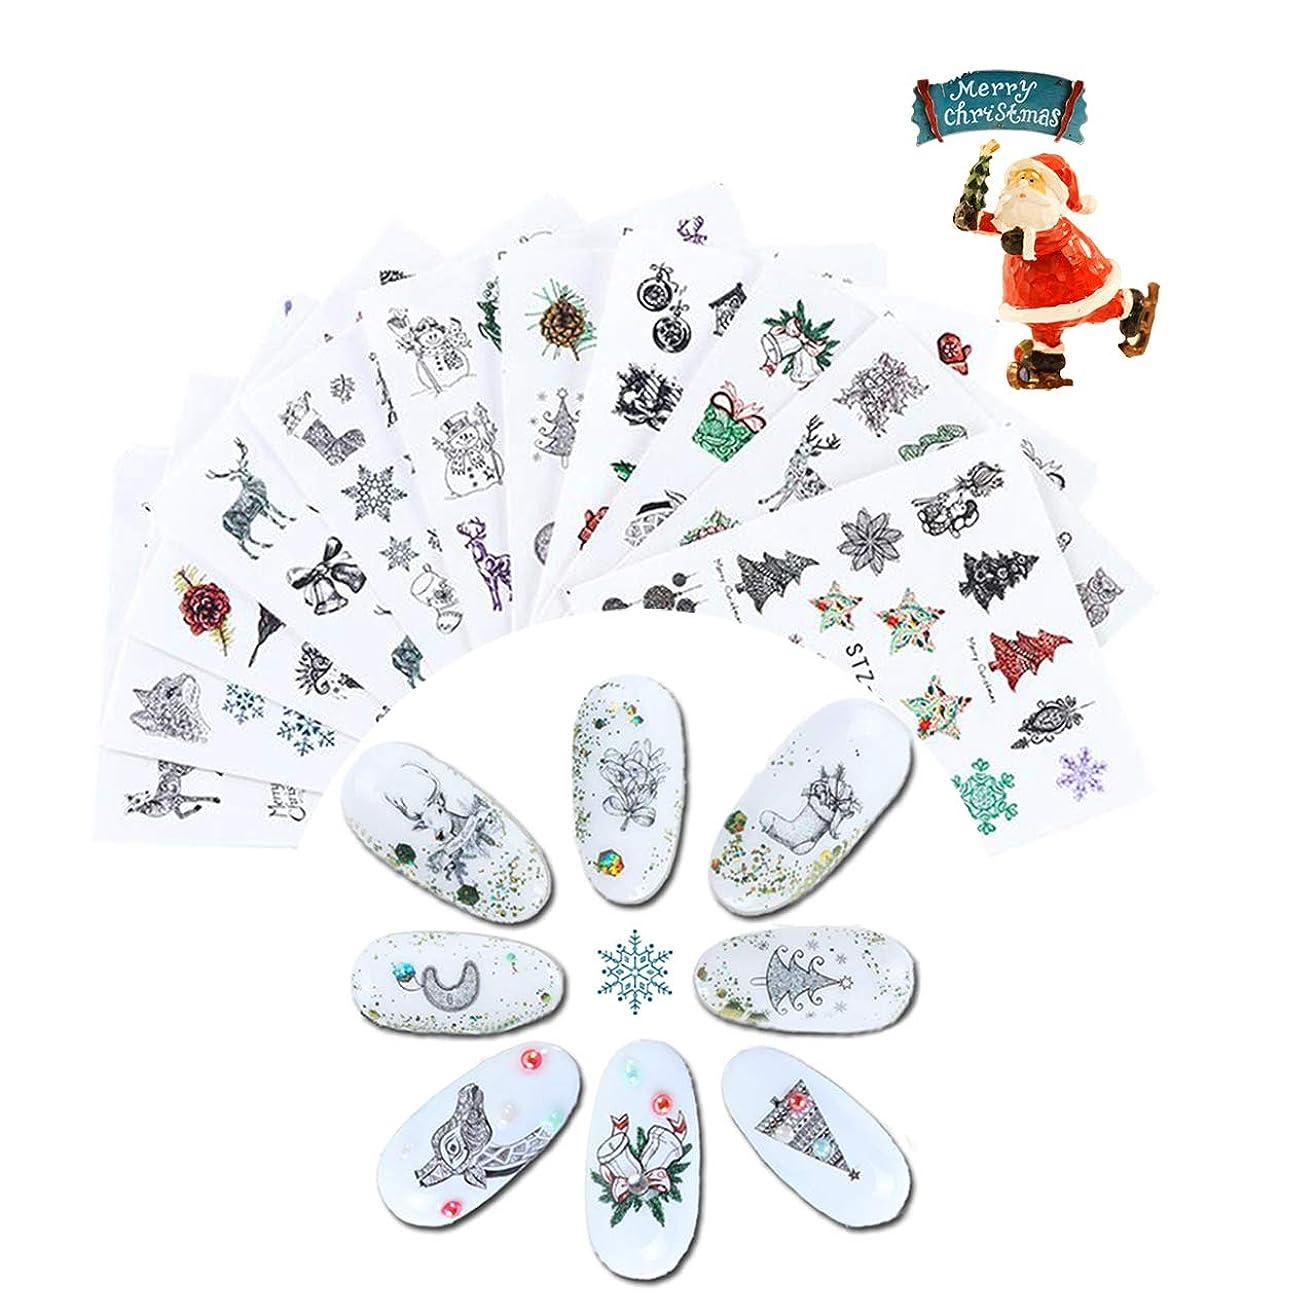 読書アイデア他の日CHIC DIARY ネイルステッカー クリスマス かわいい ネイルシール ネイルアート ネイルデコ ネイルジュエリー 鹿 雪花 サンダル